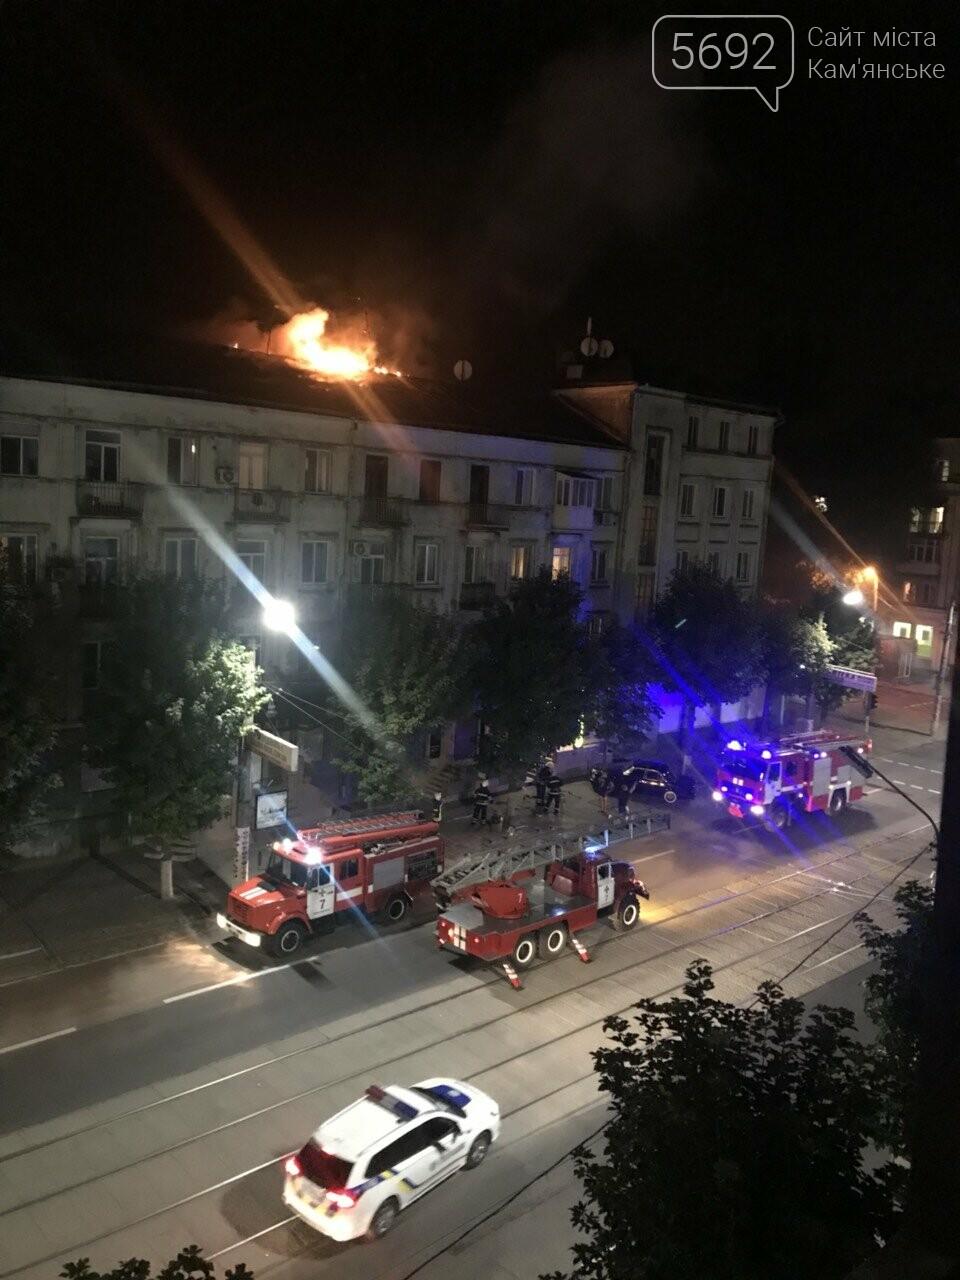 В Каменском на Тараса Шевченко ликвидировали крупный пожар, фото-2